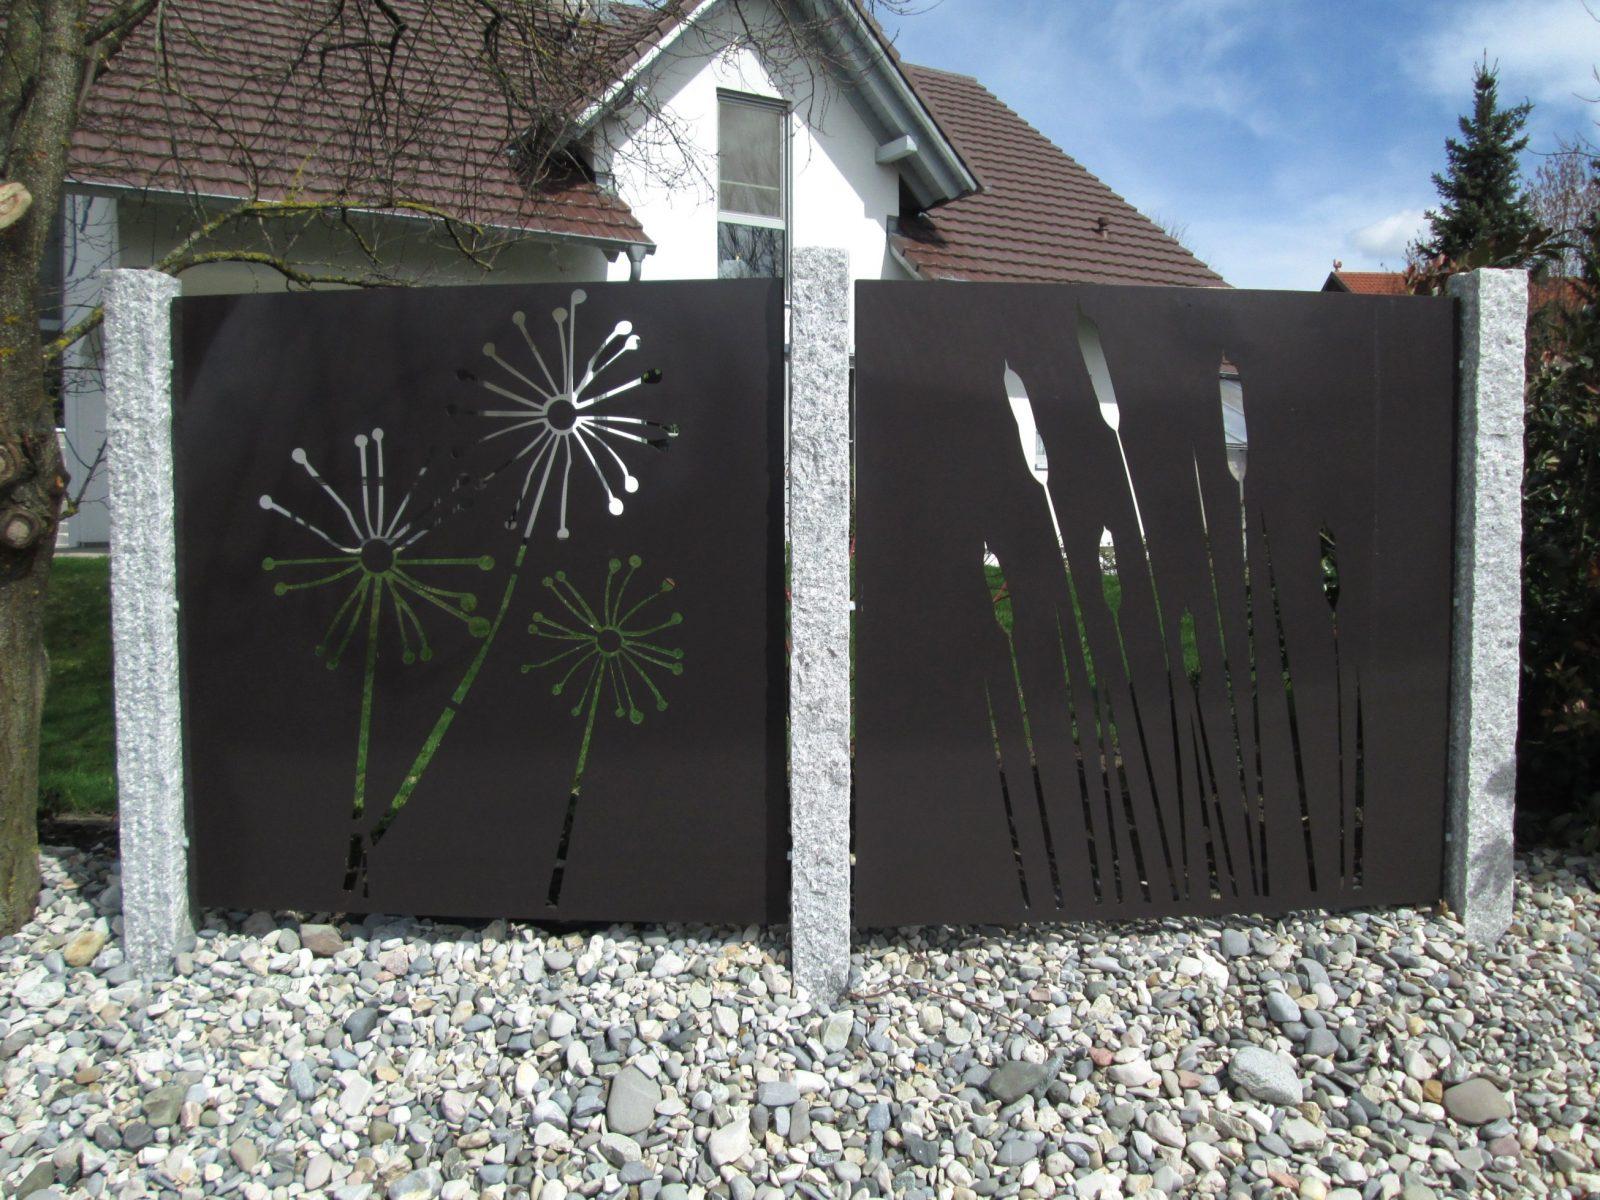 Sichtschutz Terrasse Metall 76 And Sichtschutz Metall Garten On von Sichtschutz Garten Metall Rost Bild